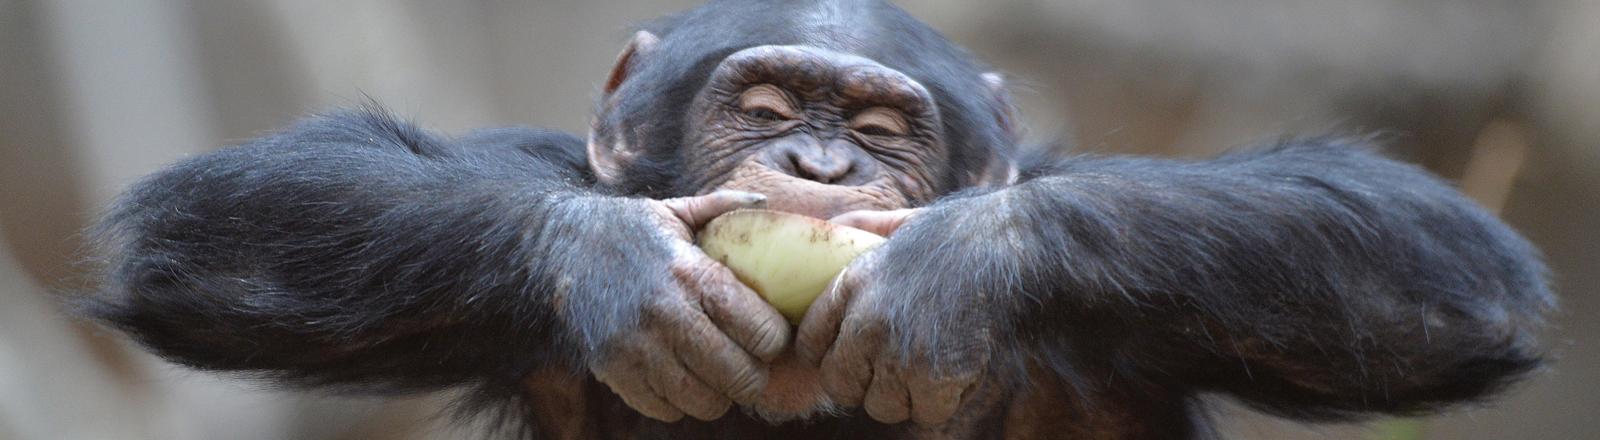 Ein Schimpanse frisst eine Frucht